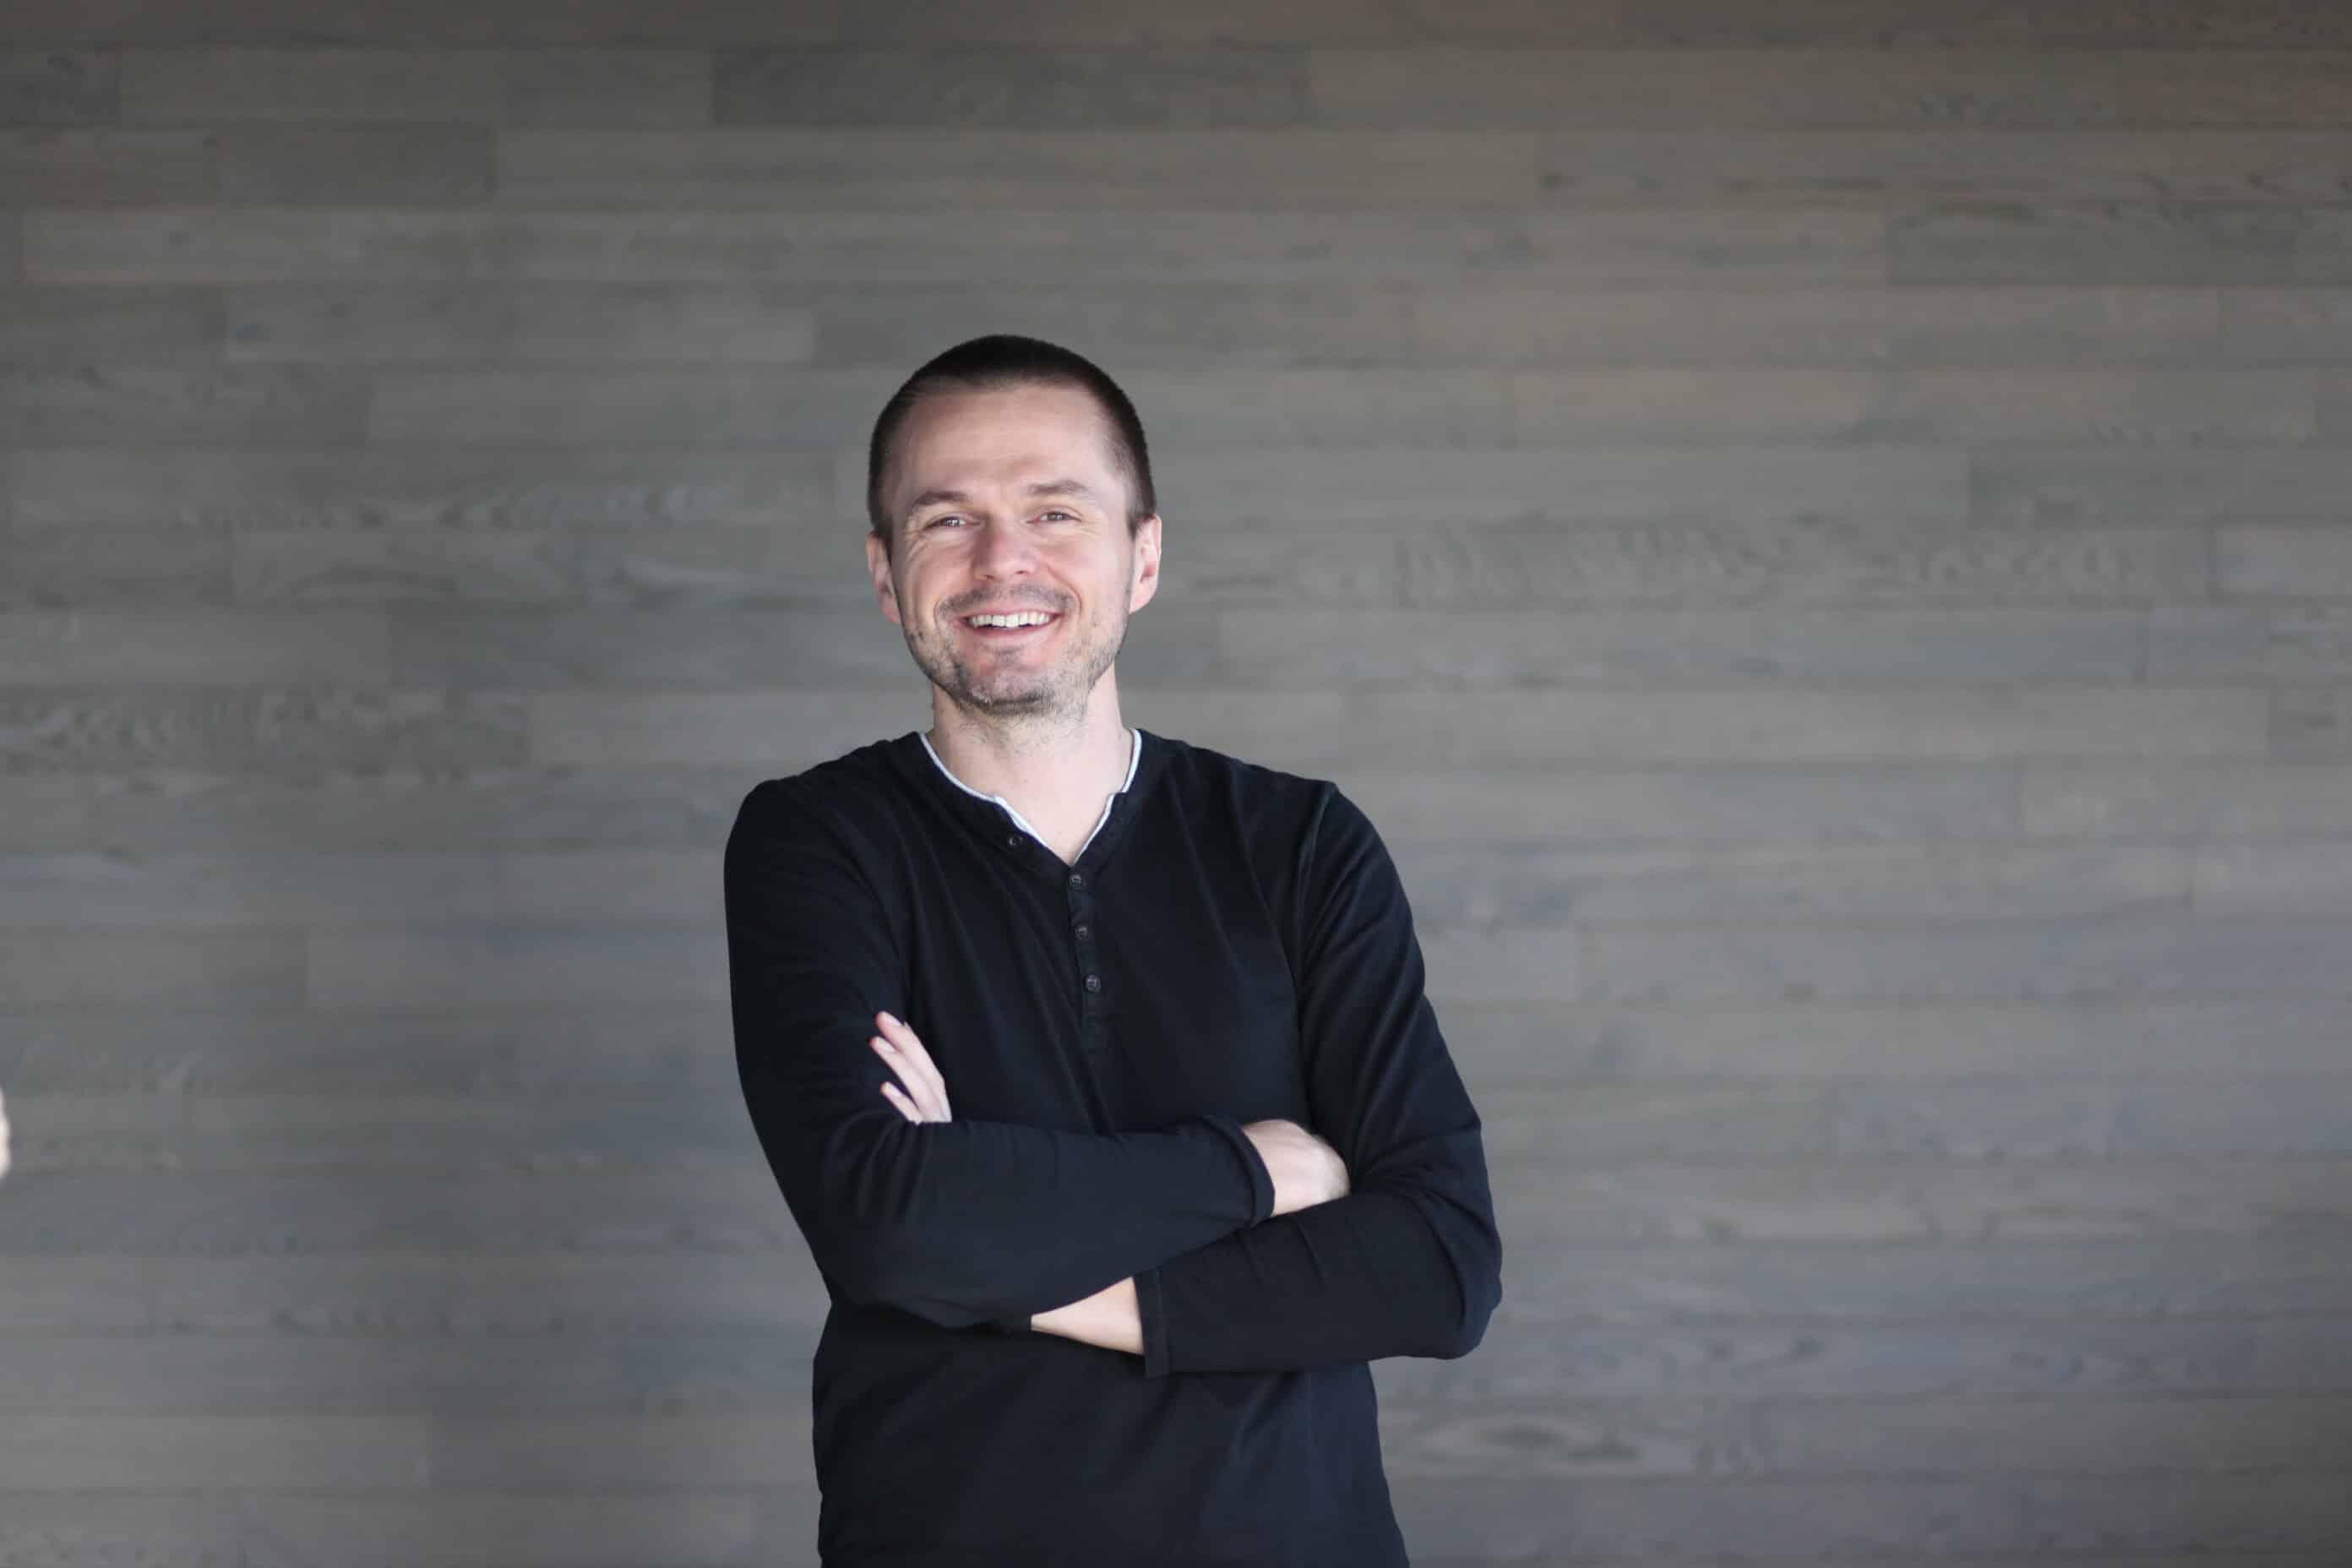 arek-skuza-business-consultant-smiling